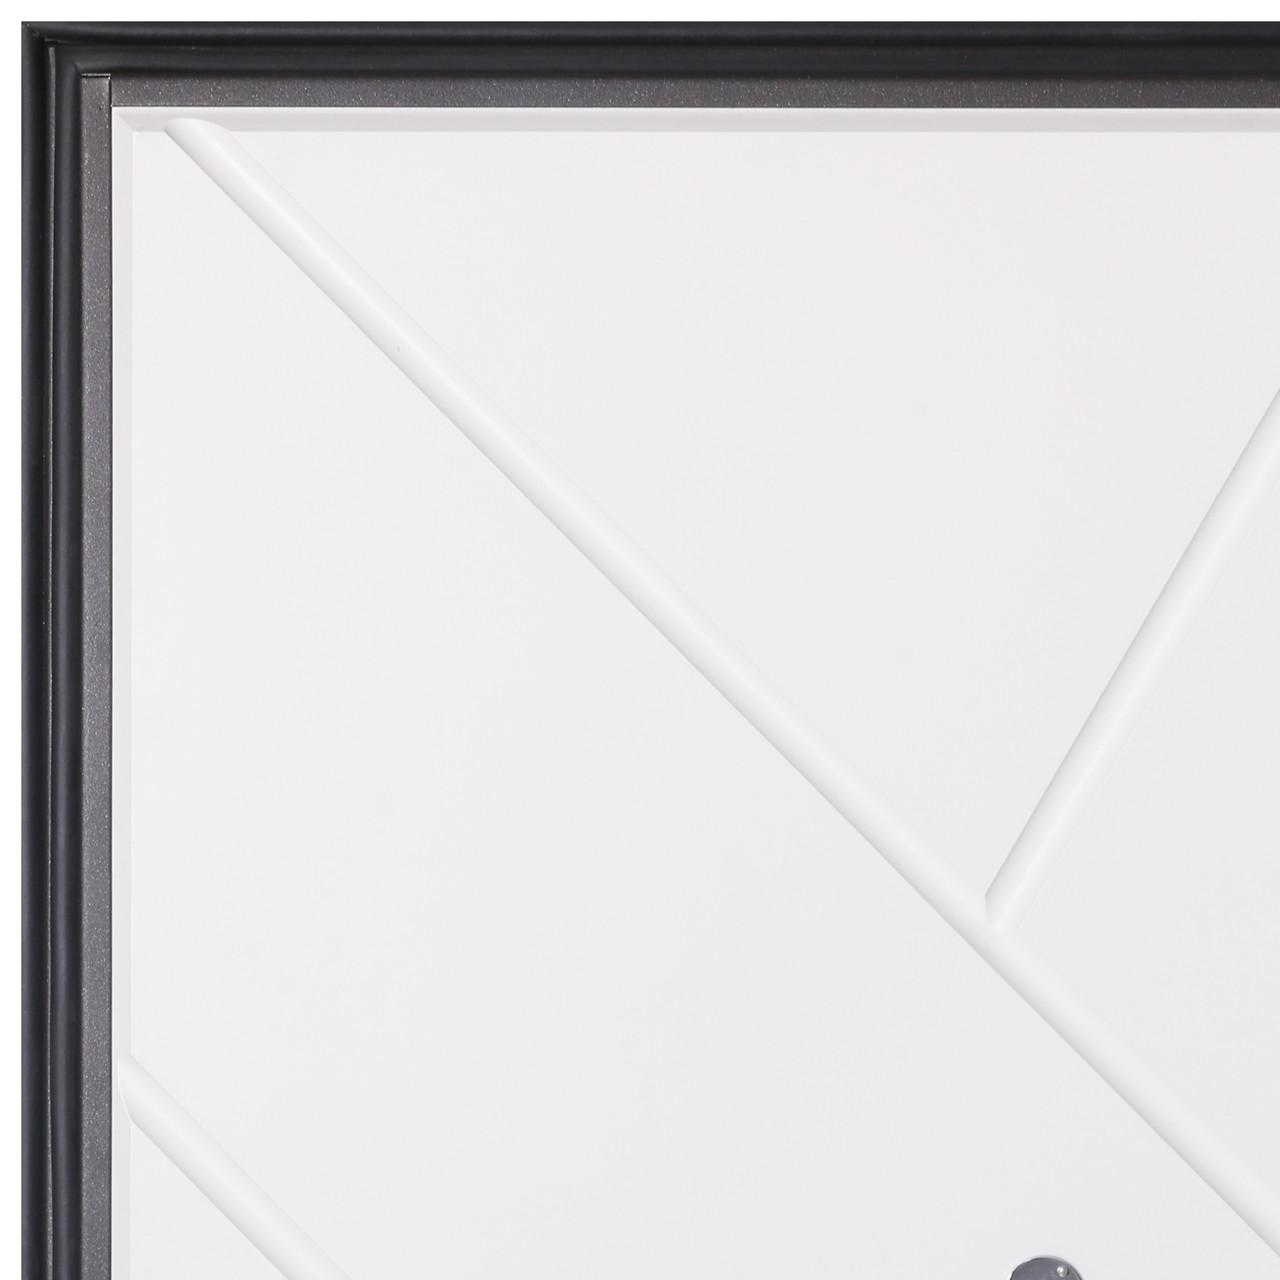 Дверь входная металлическая Flat Stout 17 Муар корич софт смоки/белая - фото 7